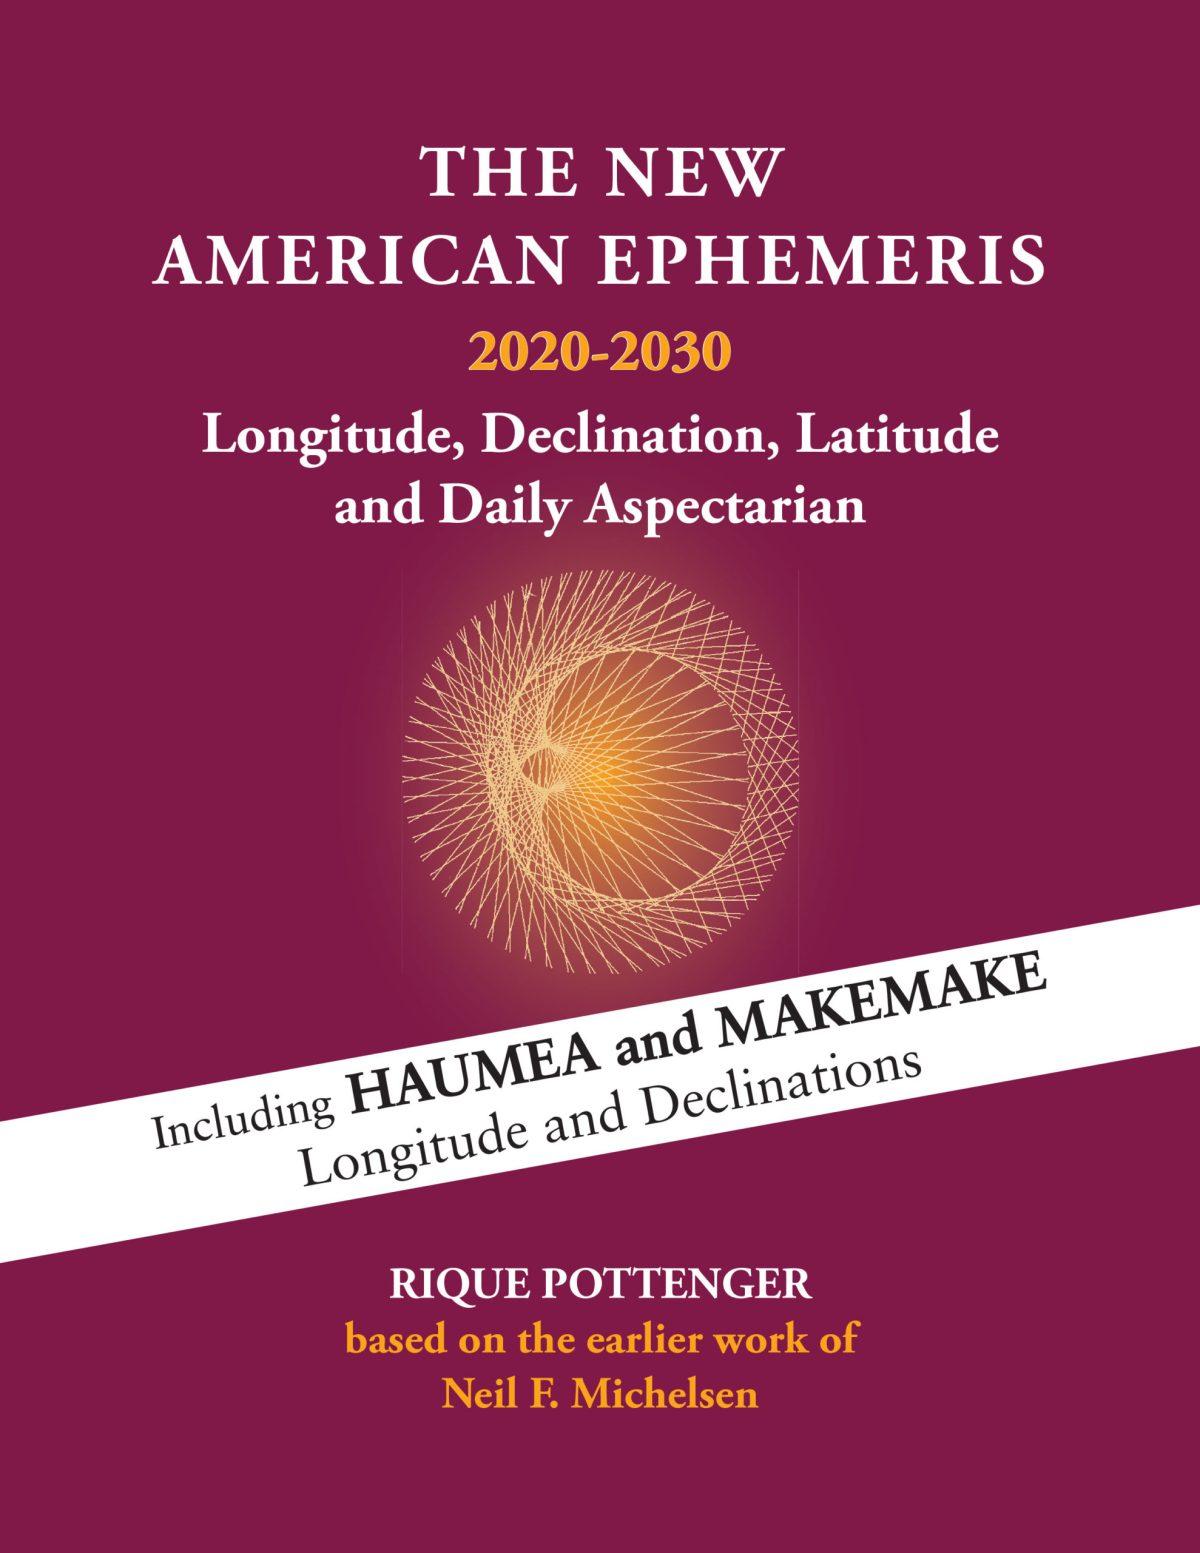 New-American-Ephmeris-2020-2030